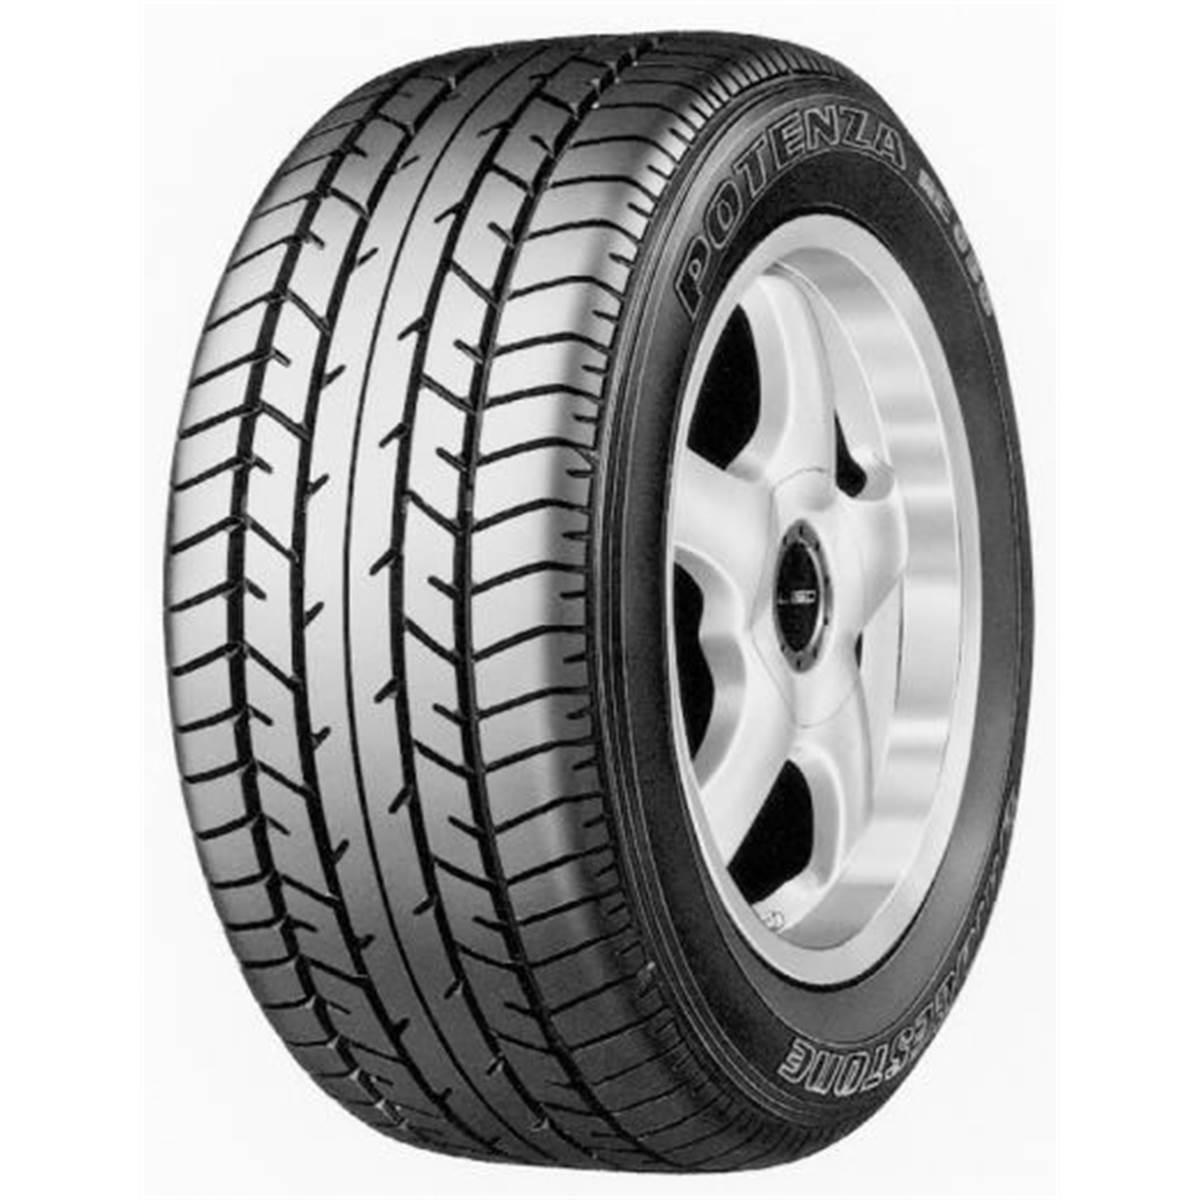 Pneu Runflat Bridgestone 255/40R17 Z Potenza Re071